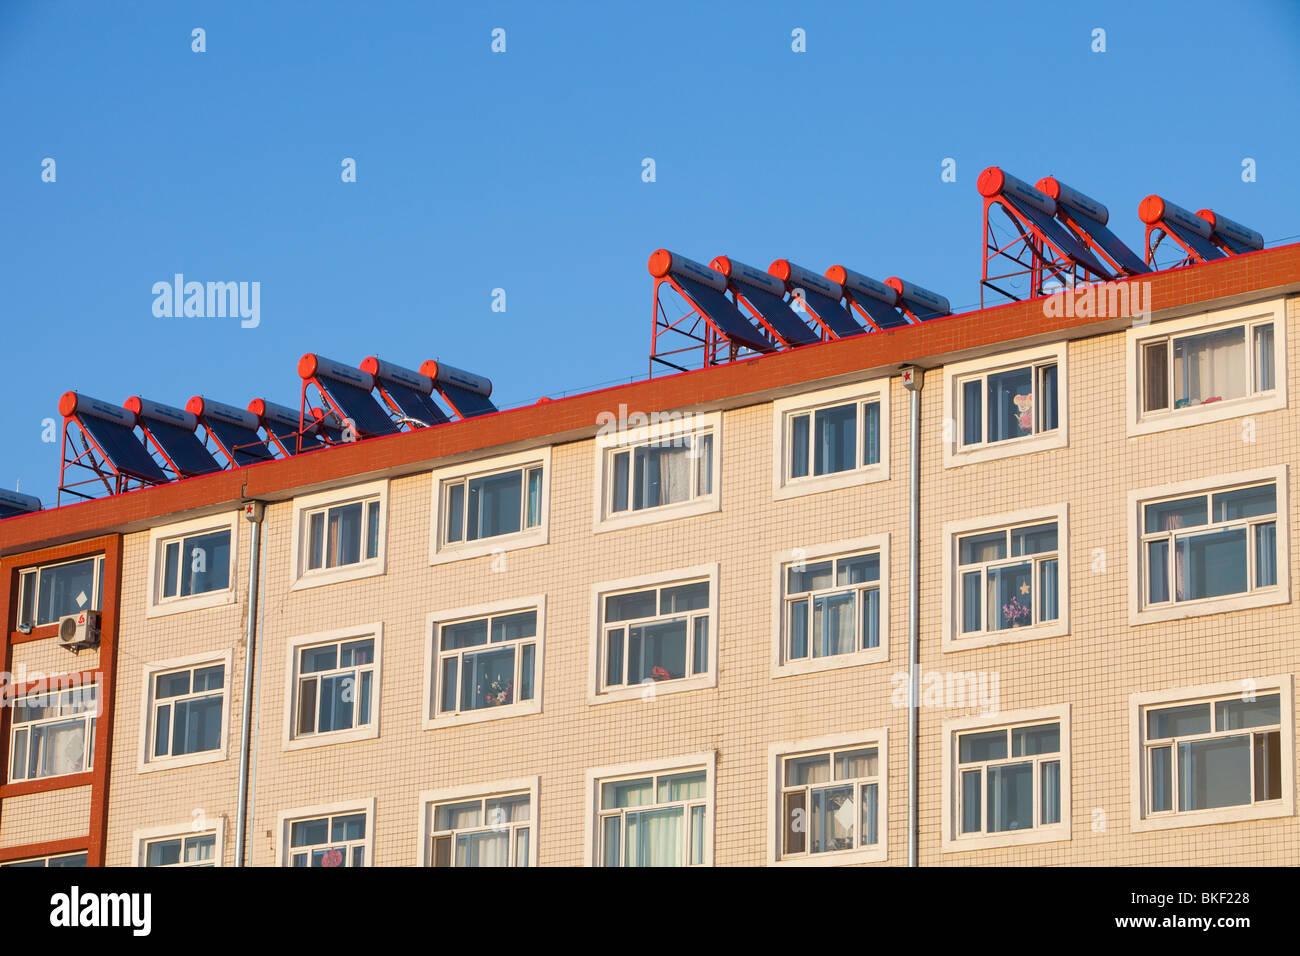 Nouveaux appartements chinois avec chauffe-eau solaire sur le toit. Photo Stock